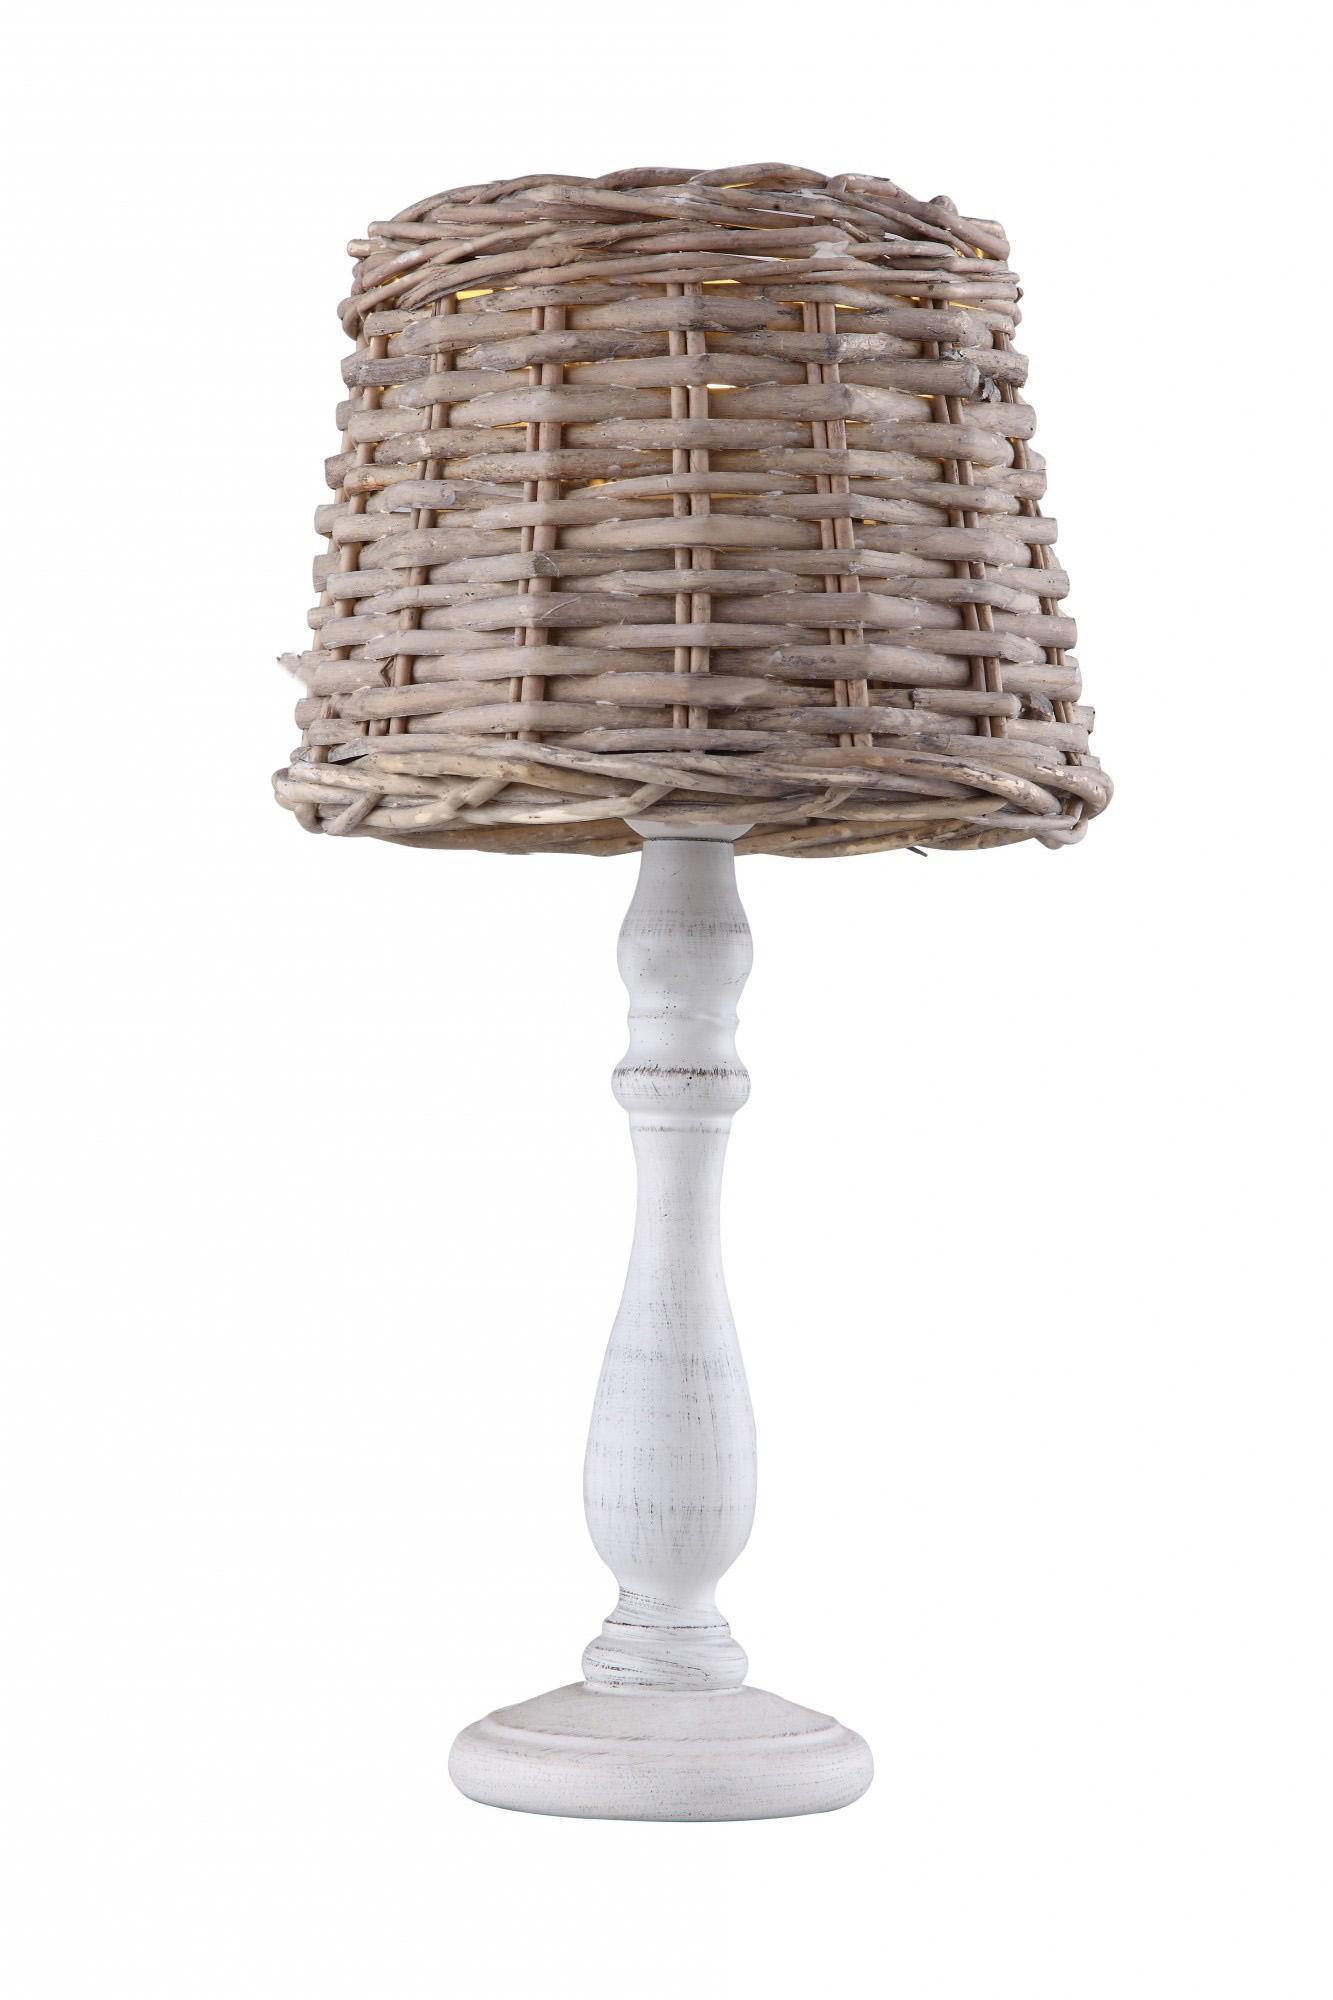 Лампа настольная Arte lamp - Arte lampЛампы настольные<br>Тип настольной лампы: ученическая/офисная,<br>Назначение светильника: для комнаты,<br>Стиль светильника: кантри,<br>Материал светильника: дерево, металл,<br>Диаметр: 250,<br>Высота: 380,<br>Количество ламп: 1,<br>Тип лампы: накаливания,<br>Мощность: 40,<br>Патрон: Е27,<br>Цвет арматуры: белый<br>